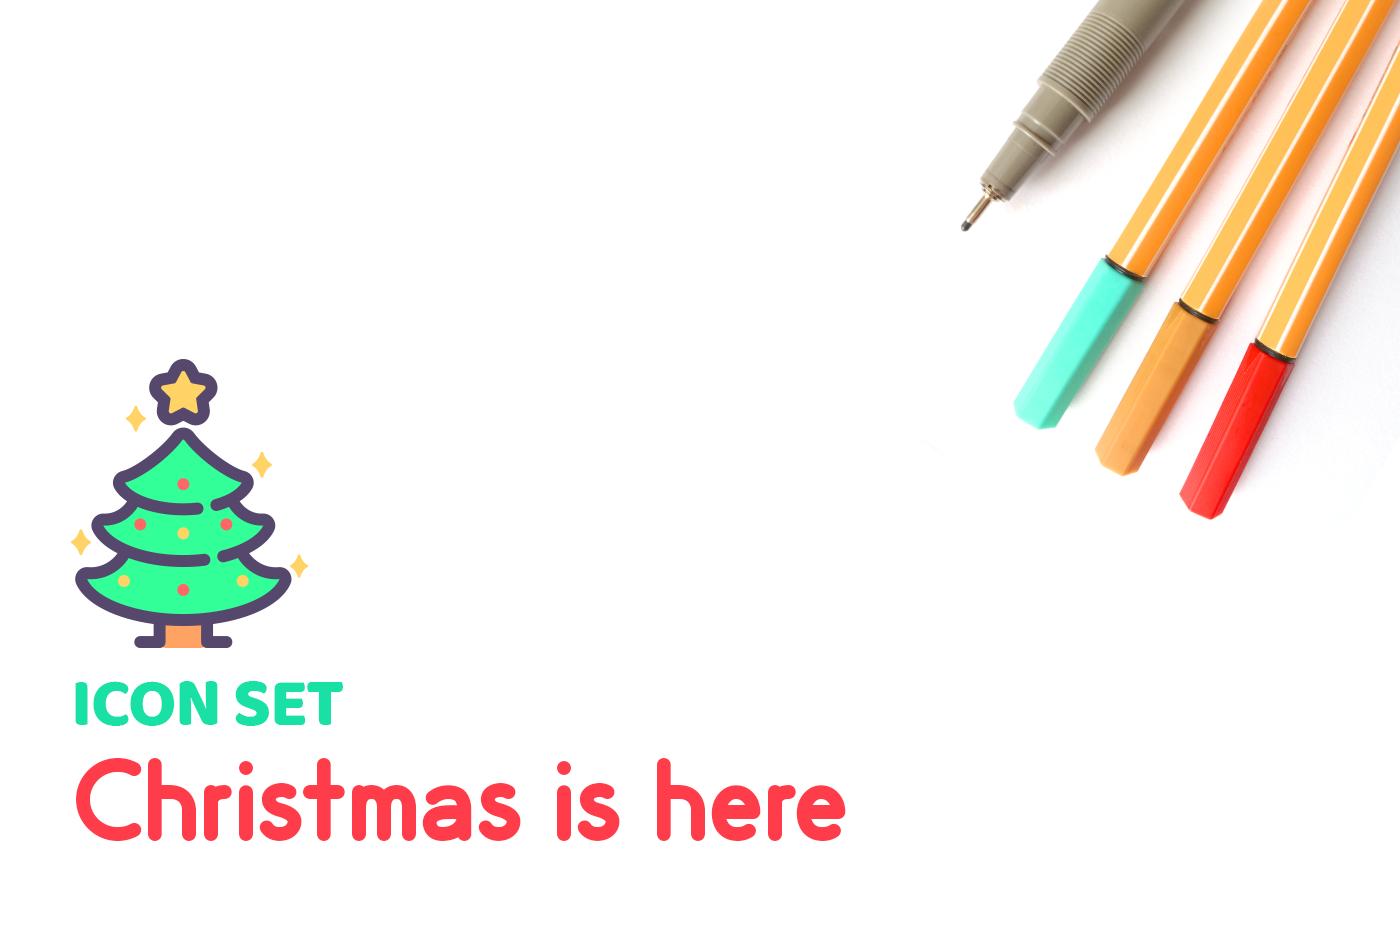 精品的12張聖誕節圖檔欣賞